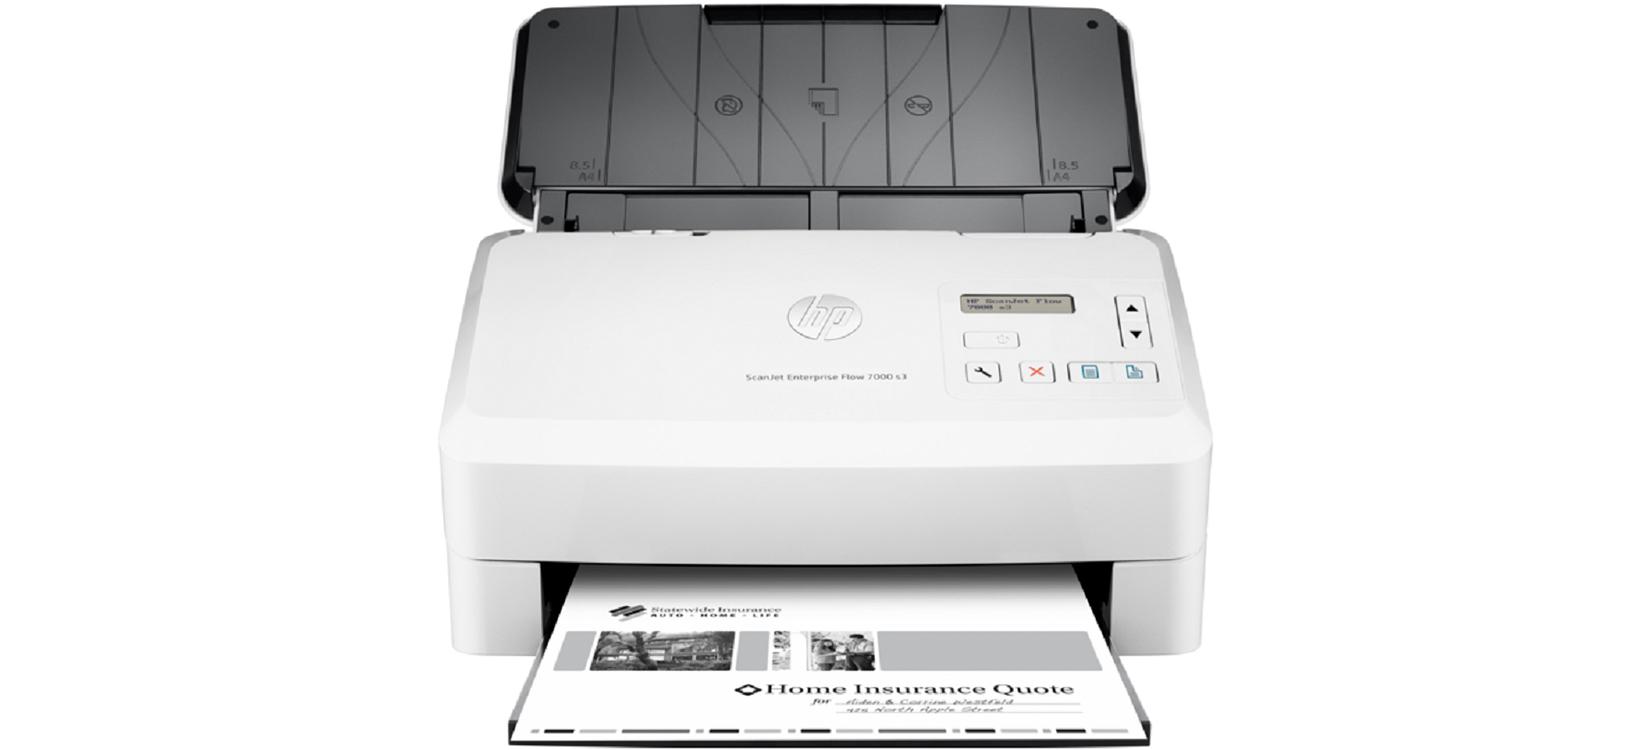 Máy quét HP Digital Sender Flow 8500 fn2 14